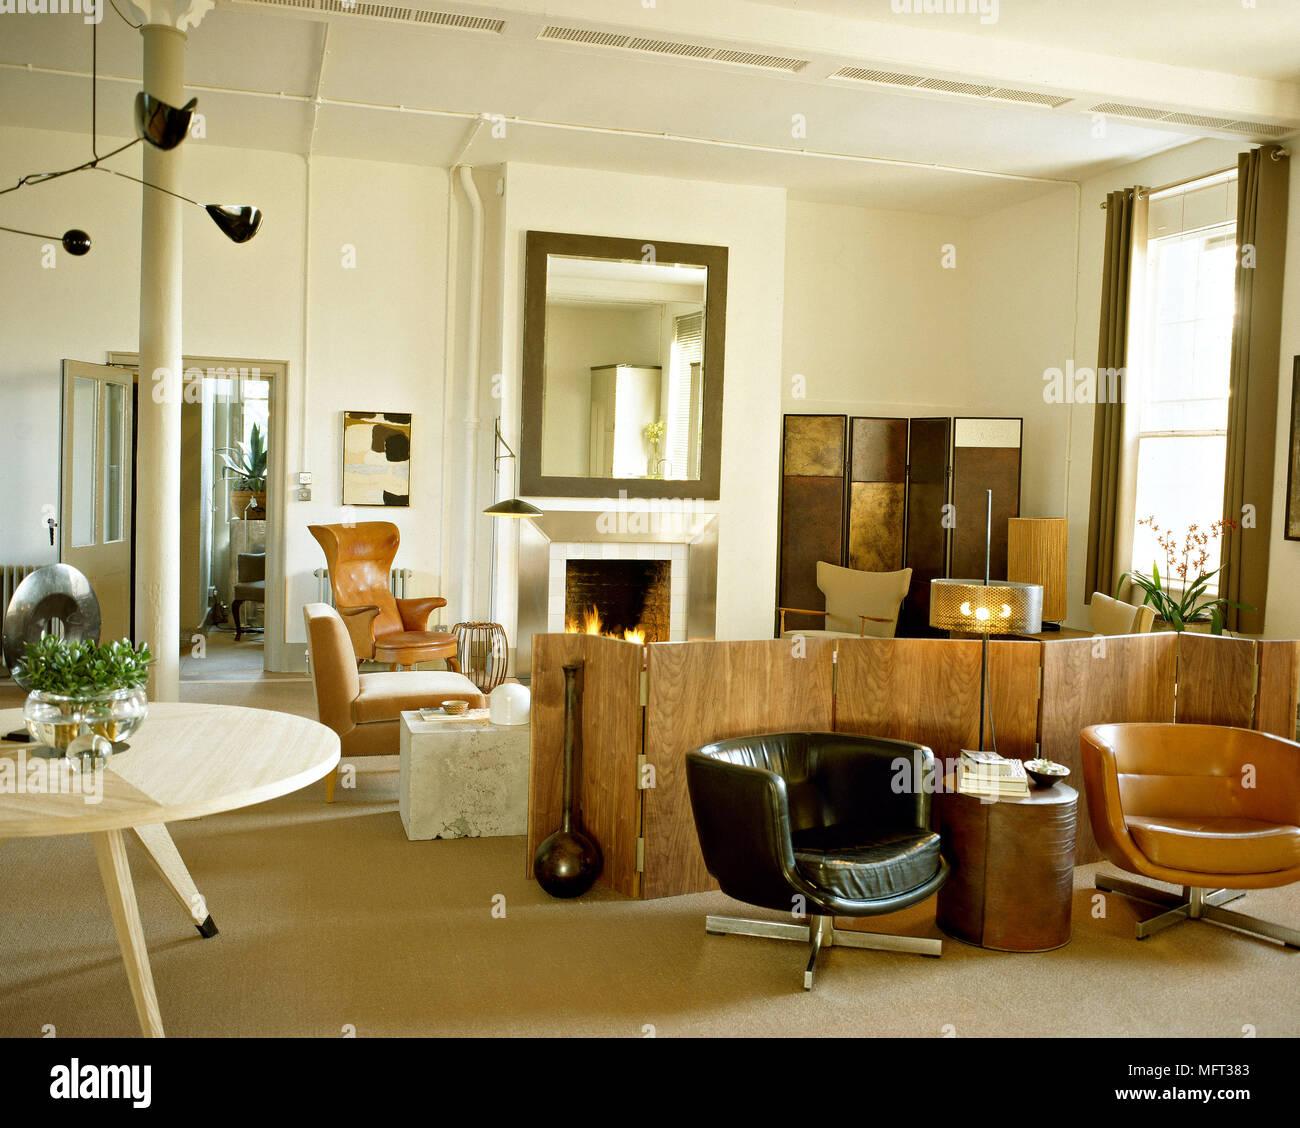 Moderne Wohnzimmer Kamin falten Holz-braunen Ledersesseln ...